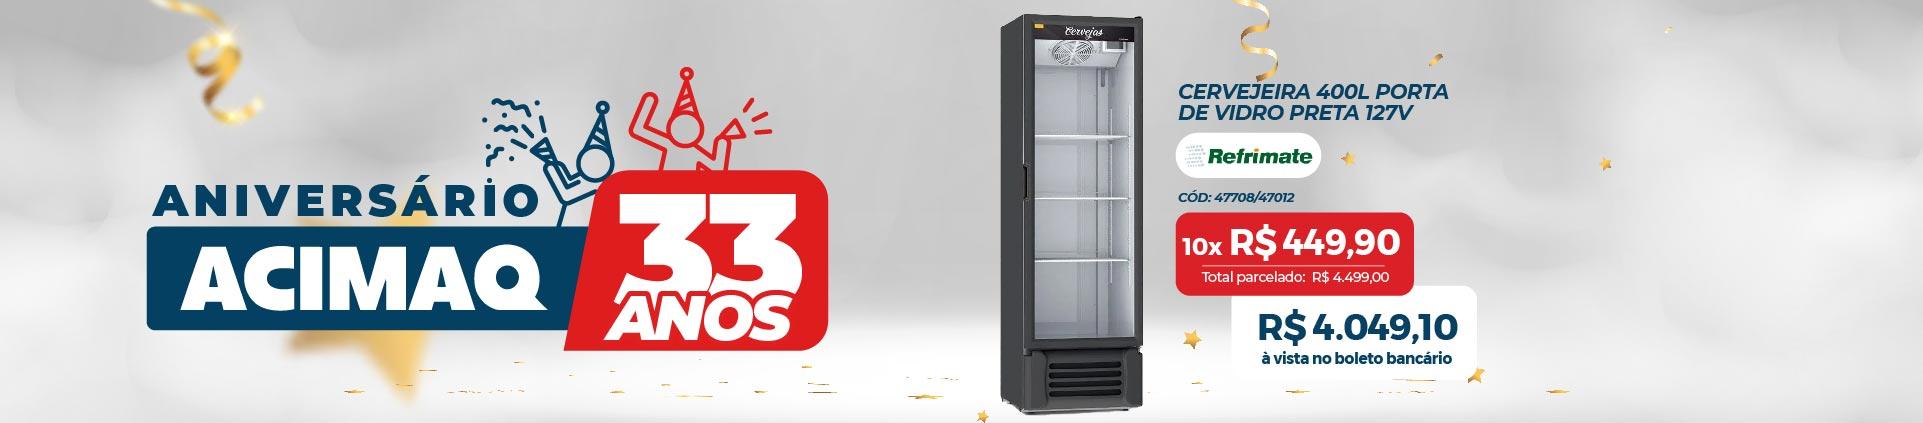 Campanha Niver Refrigerador